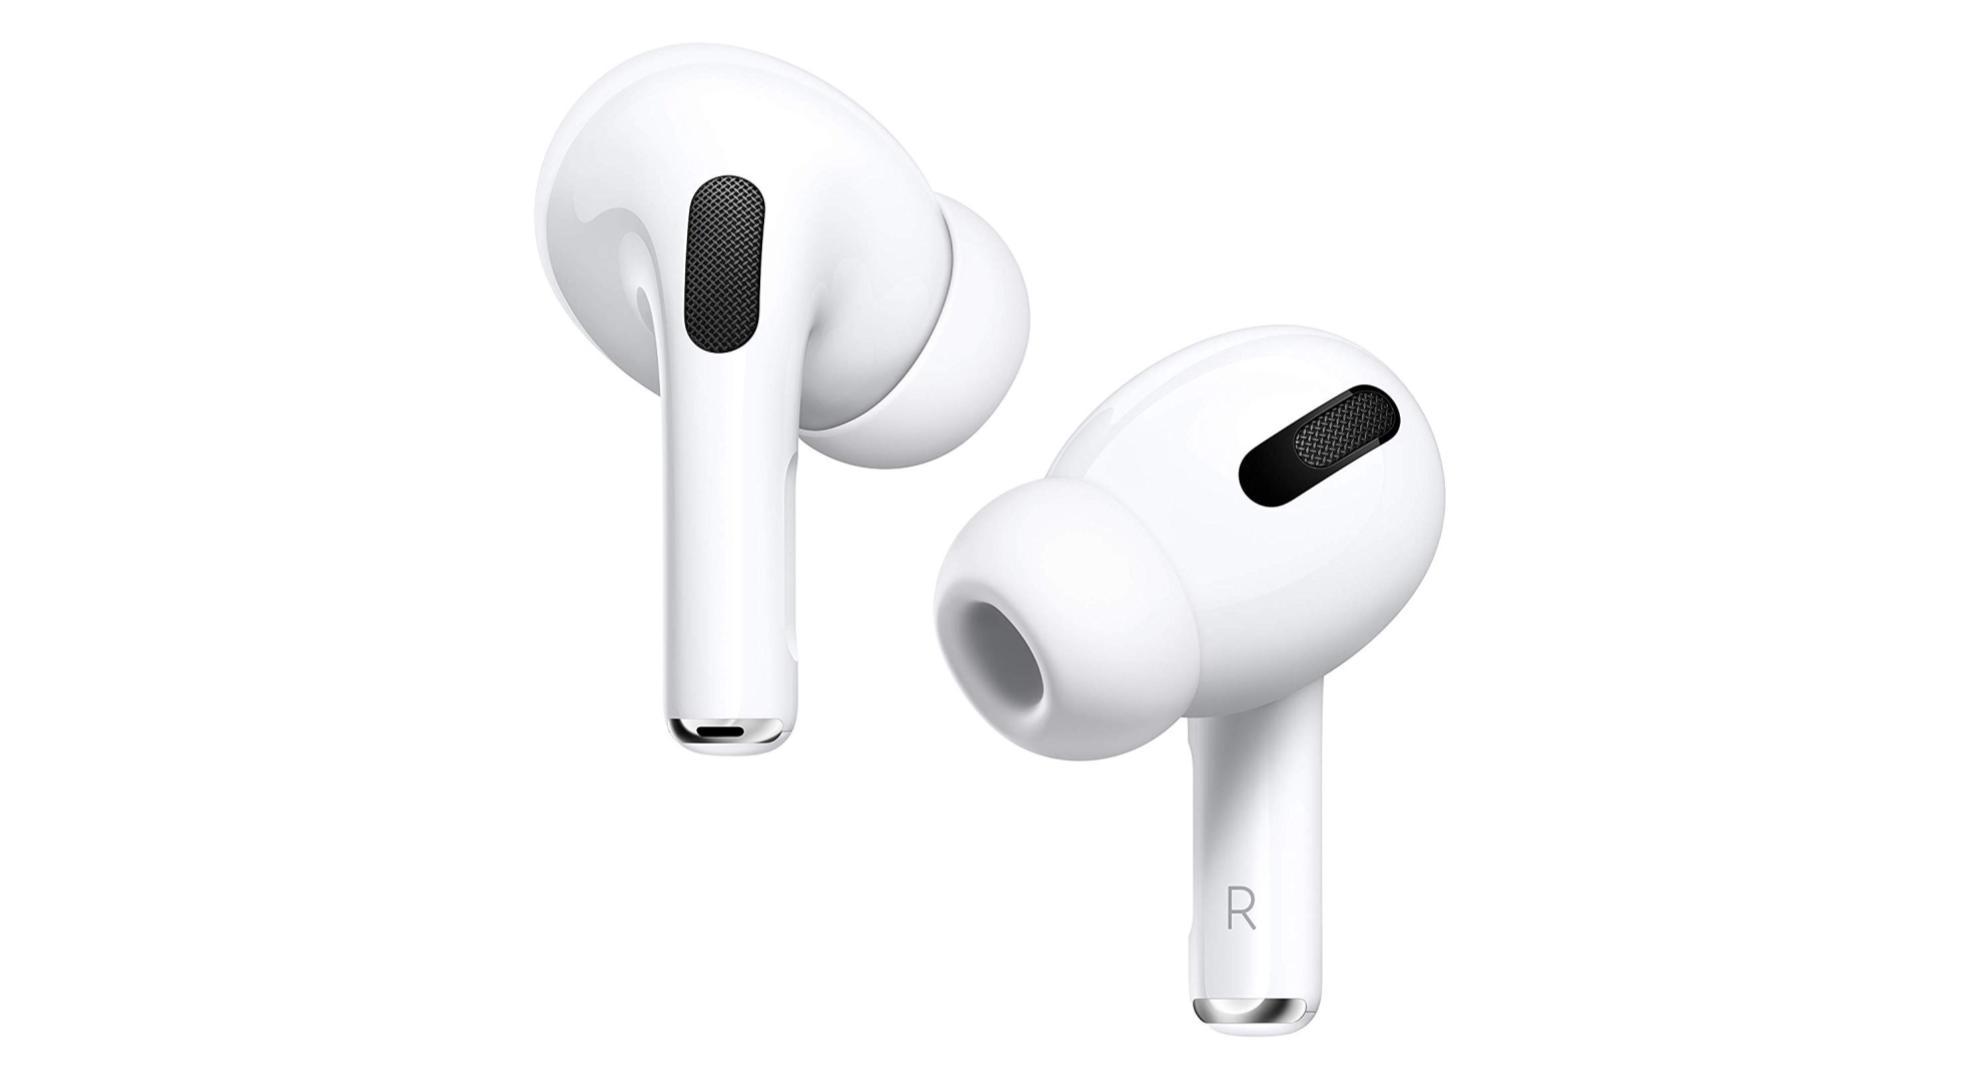 Où acheter les nouveaux Apple AirPods Pro au meilleur prix en 2019 ?